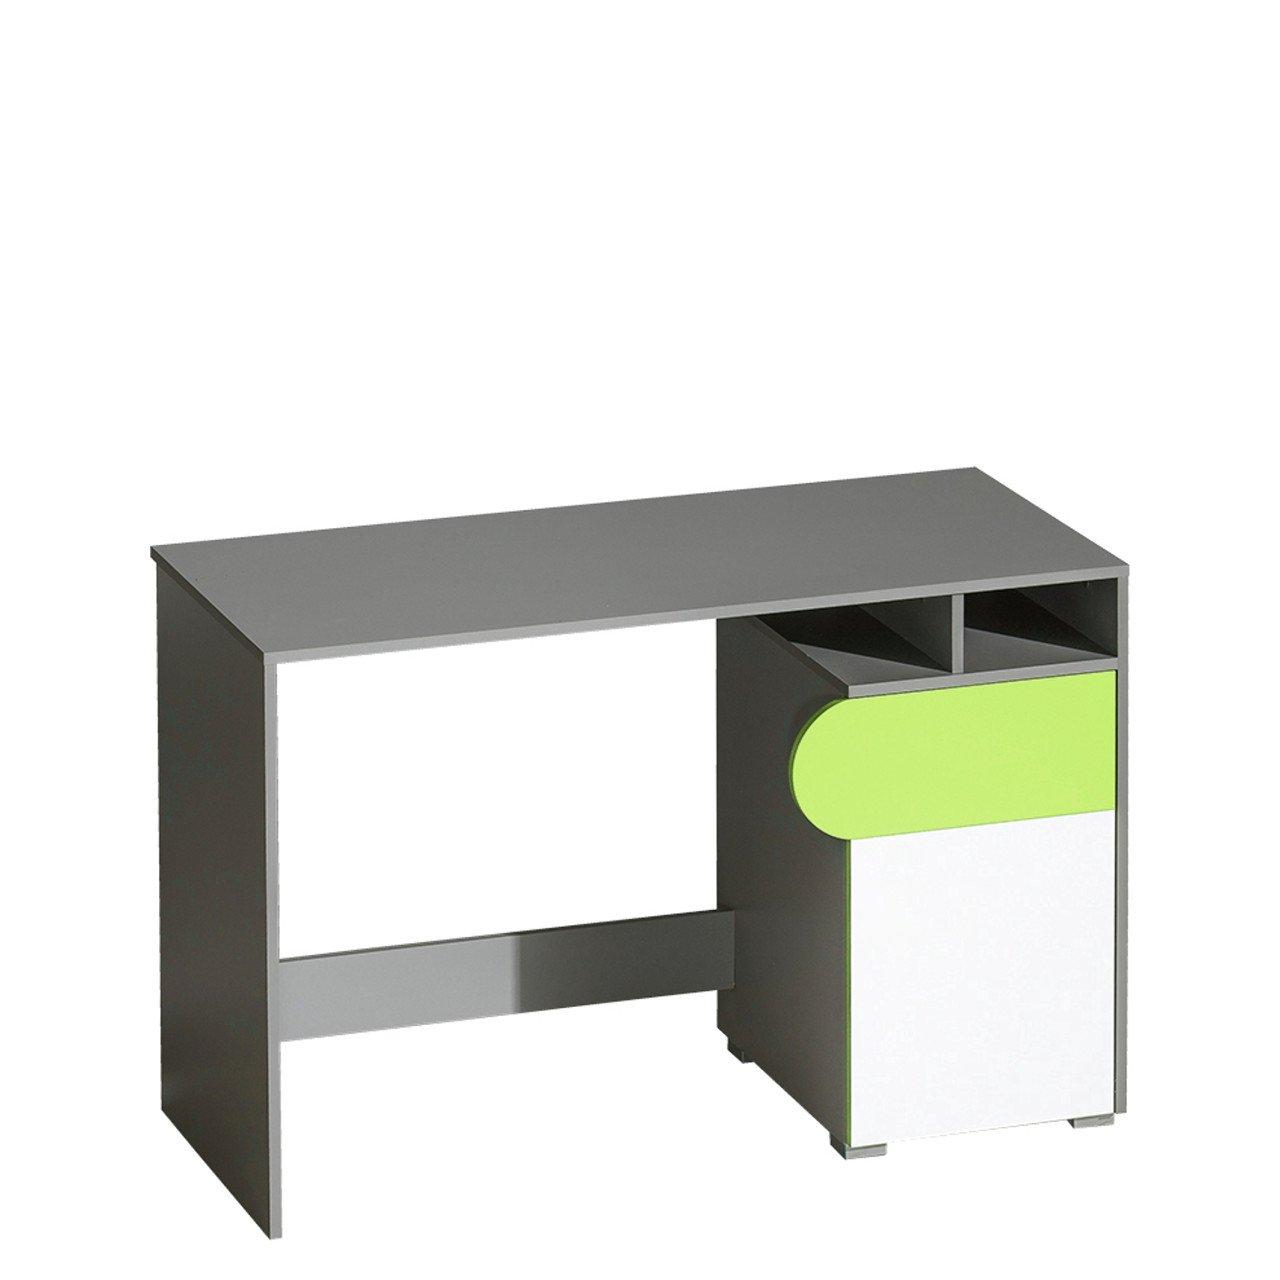 Graphit   Weiãÿ+ Grün Mamba Mirjan24  Schreibtisch Futuro F08, Schülerschreibtisch, Arbeitstisch, Computertisch, Kinderschreibtisch, PC-Tisch für Jugendzimmer, Kinderzimmer (Graphit Weiß + Grün Mamba)